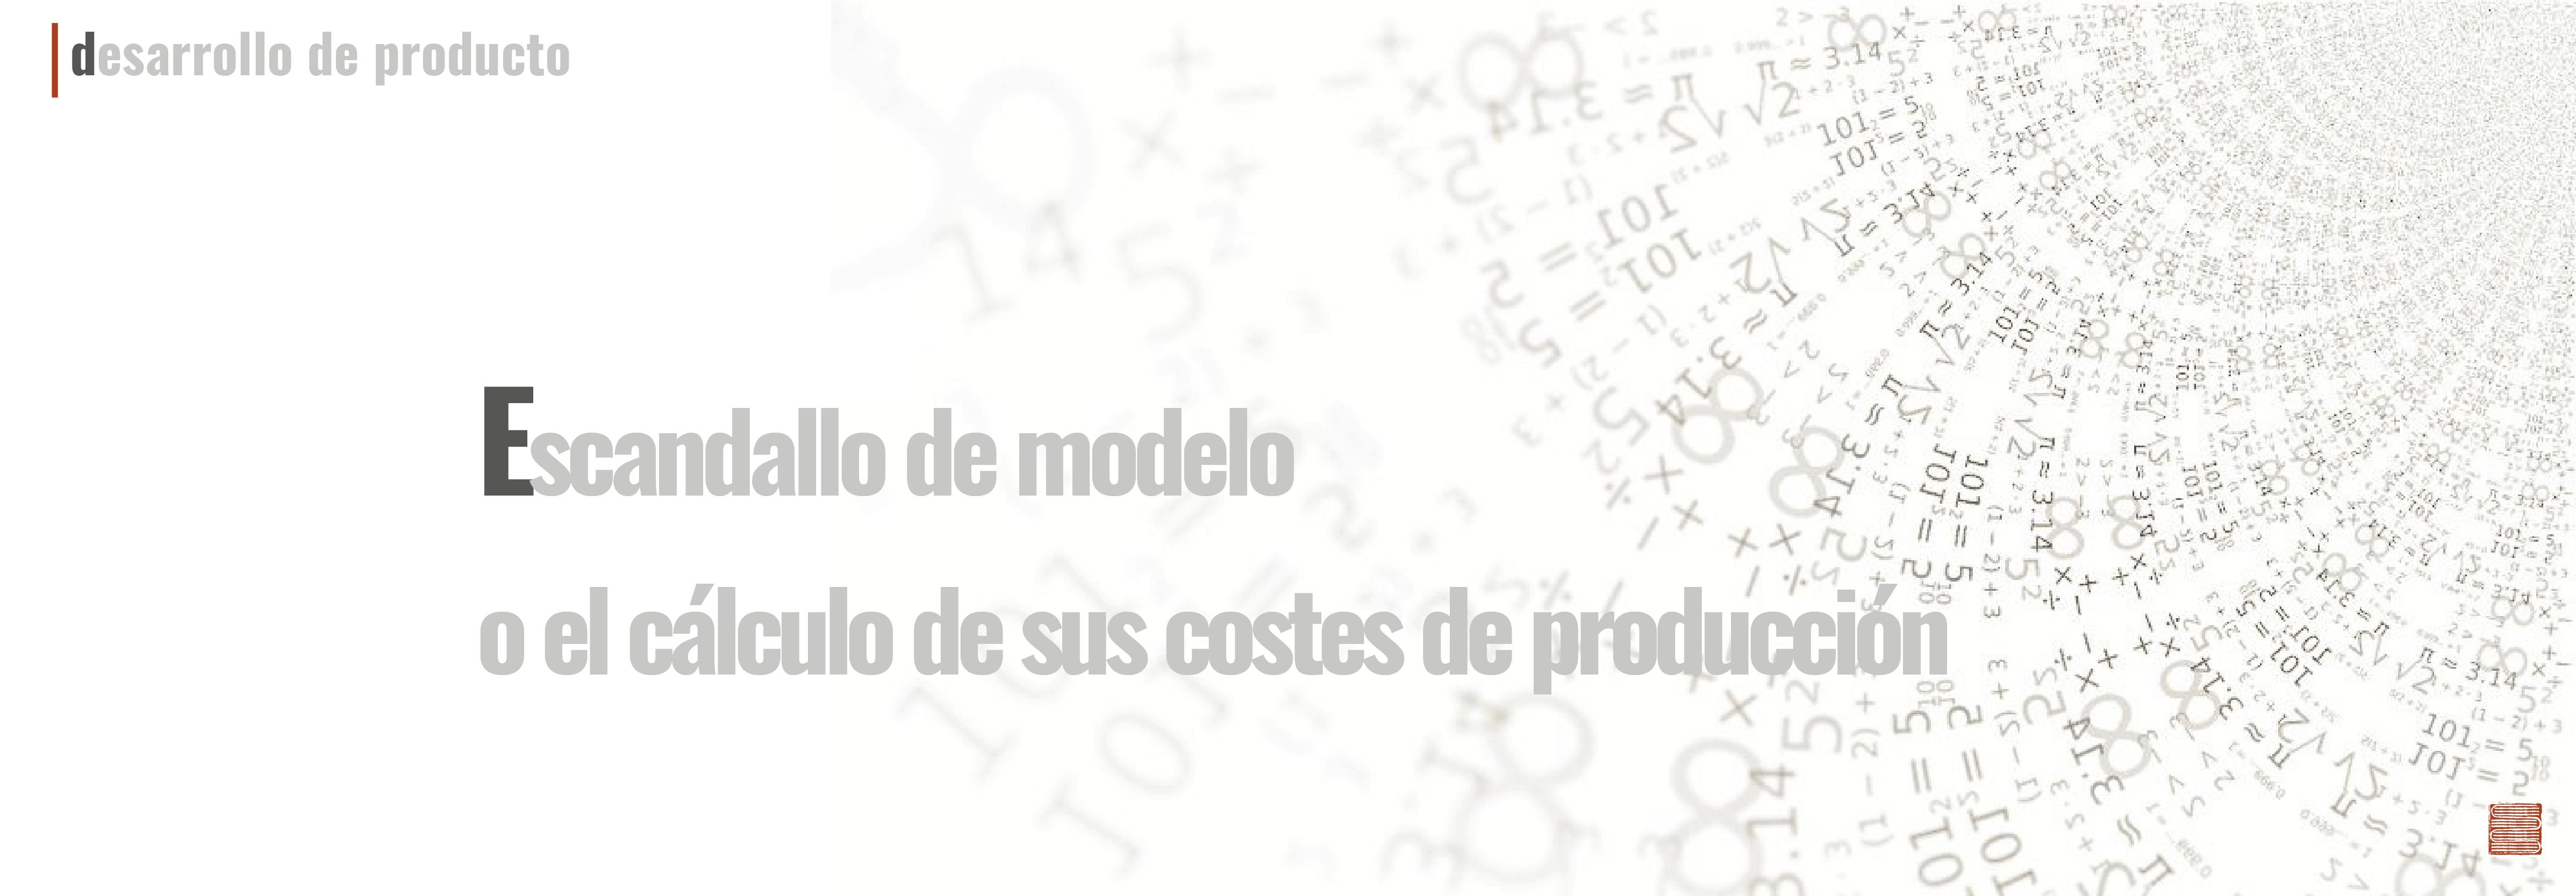 El escandallo de modelo o el cálculo de sus costes de producción